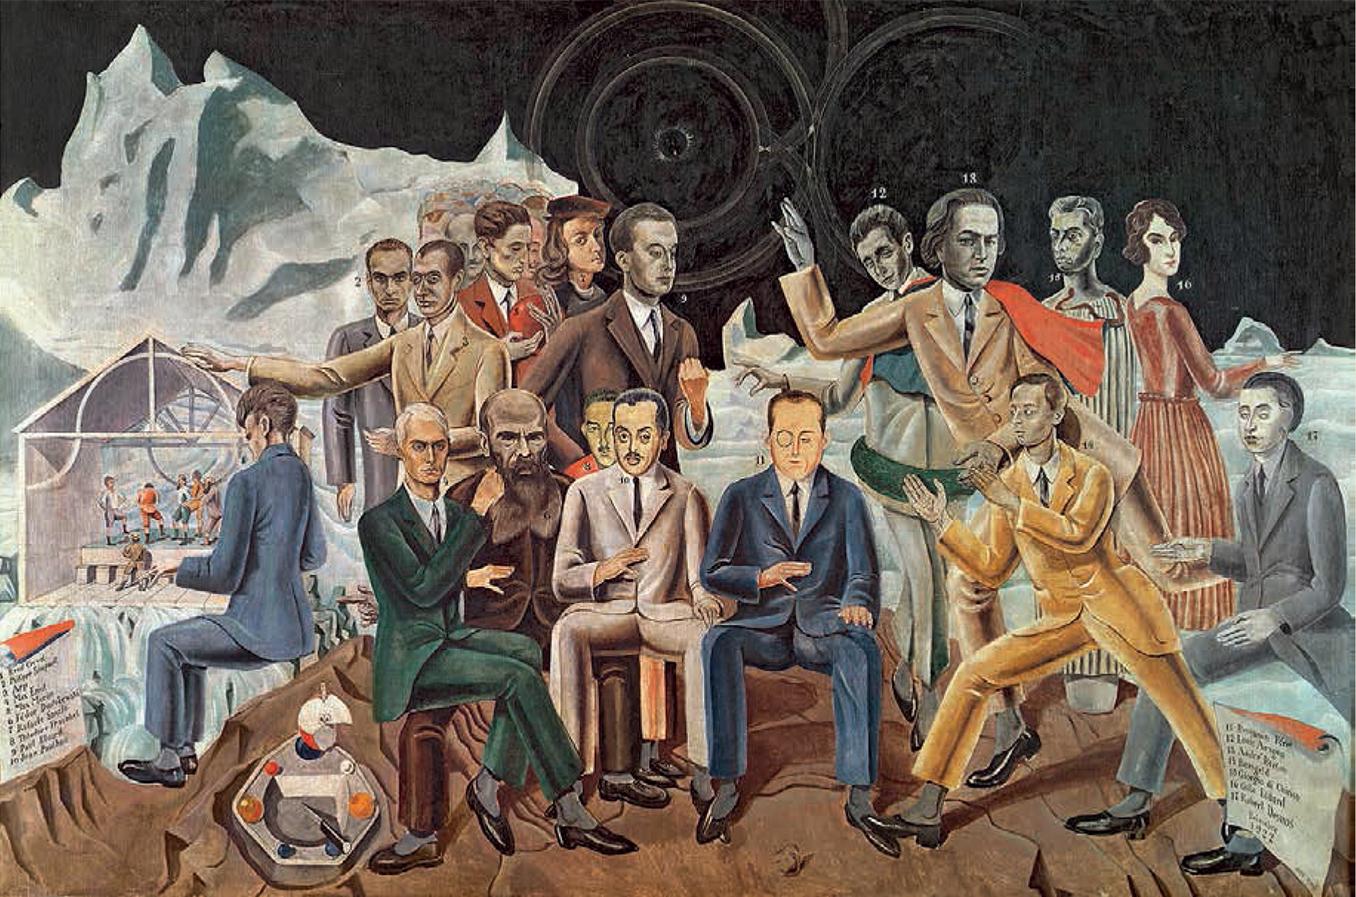 Au rendez-vous des amis Tableau de Max Ernst 1922